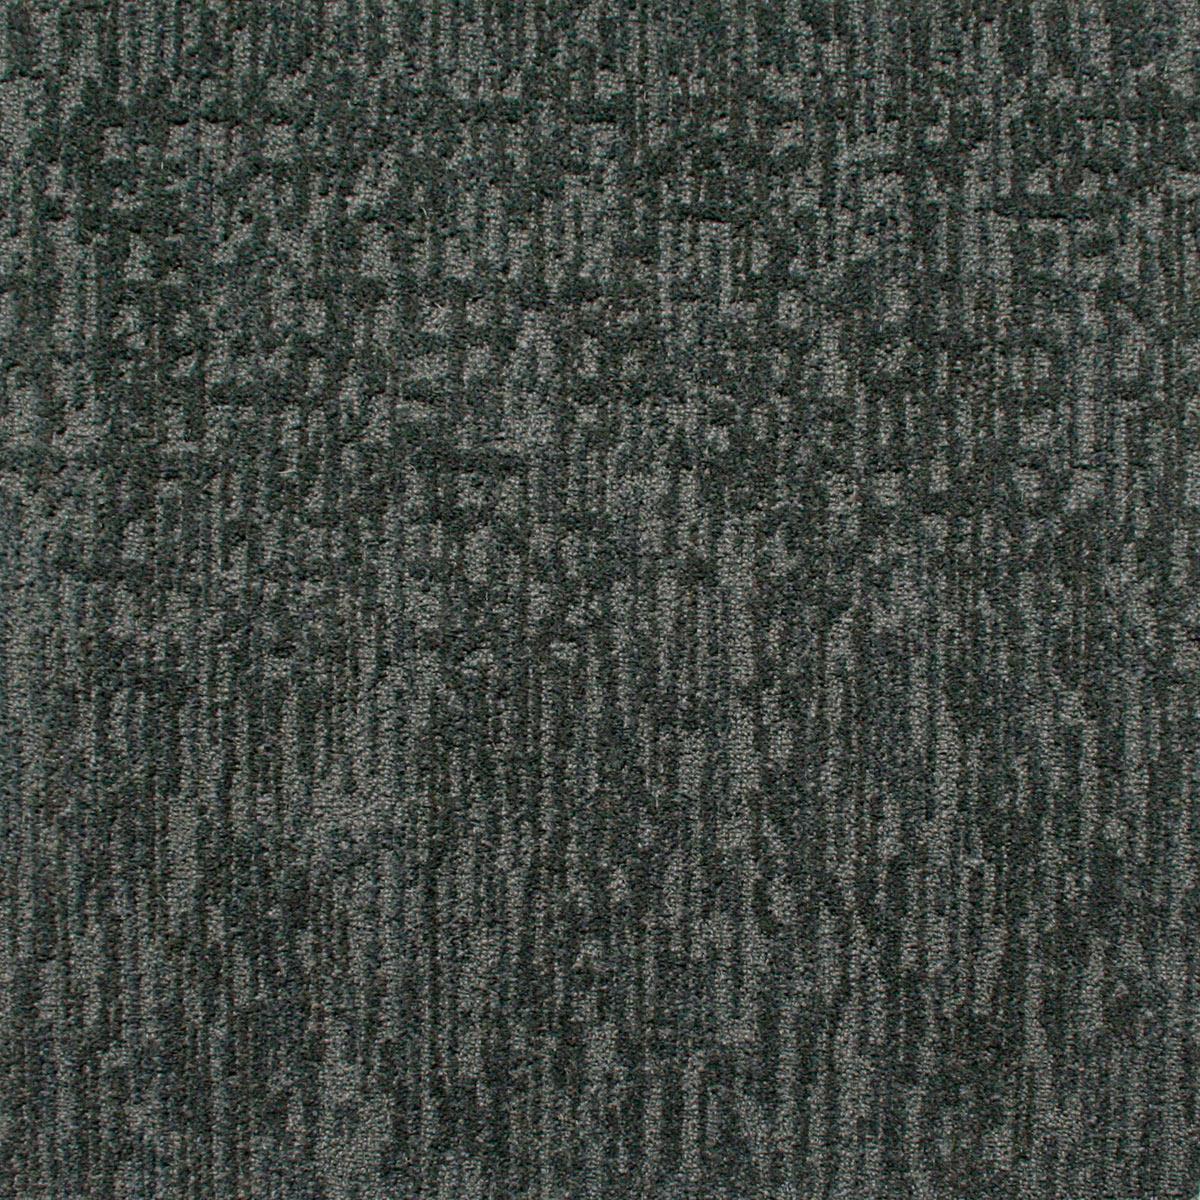 9016 Licorice